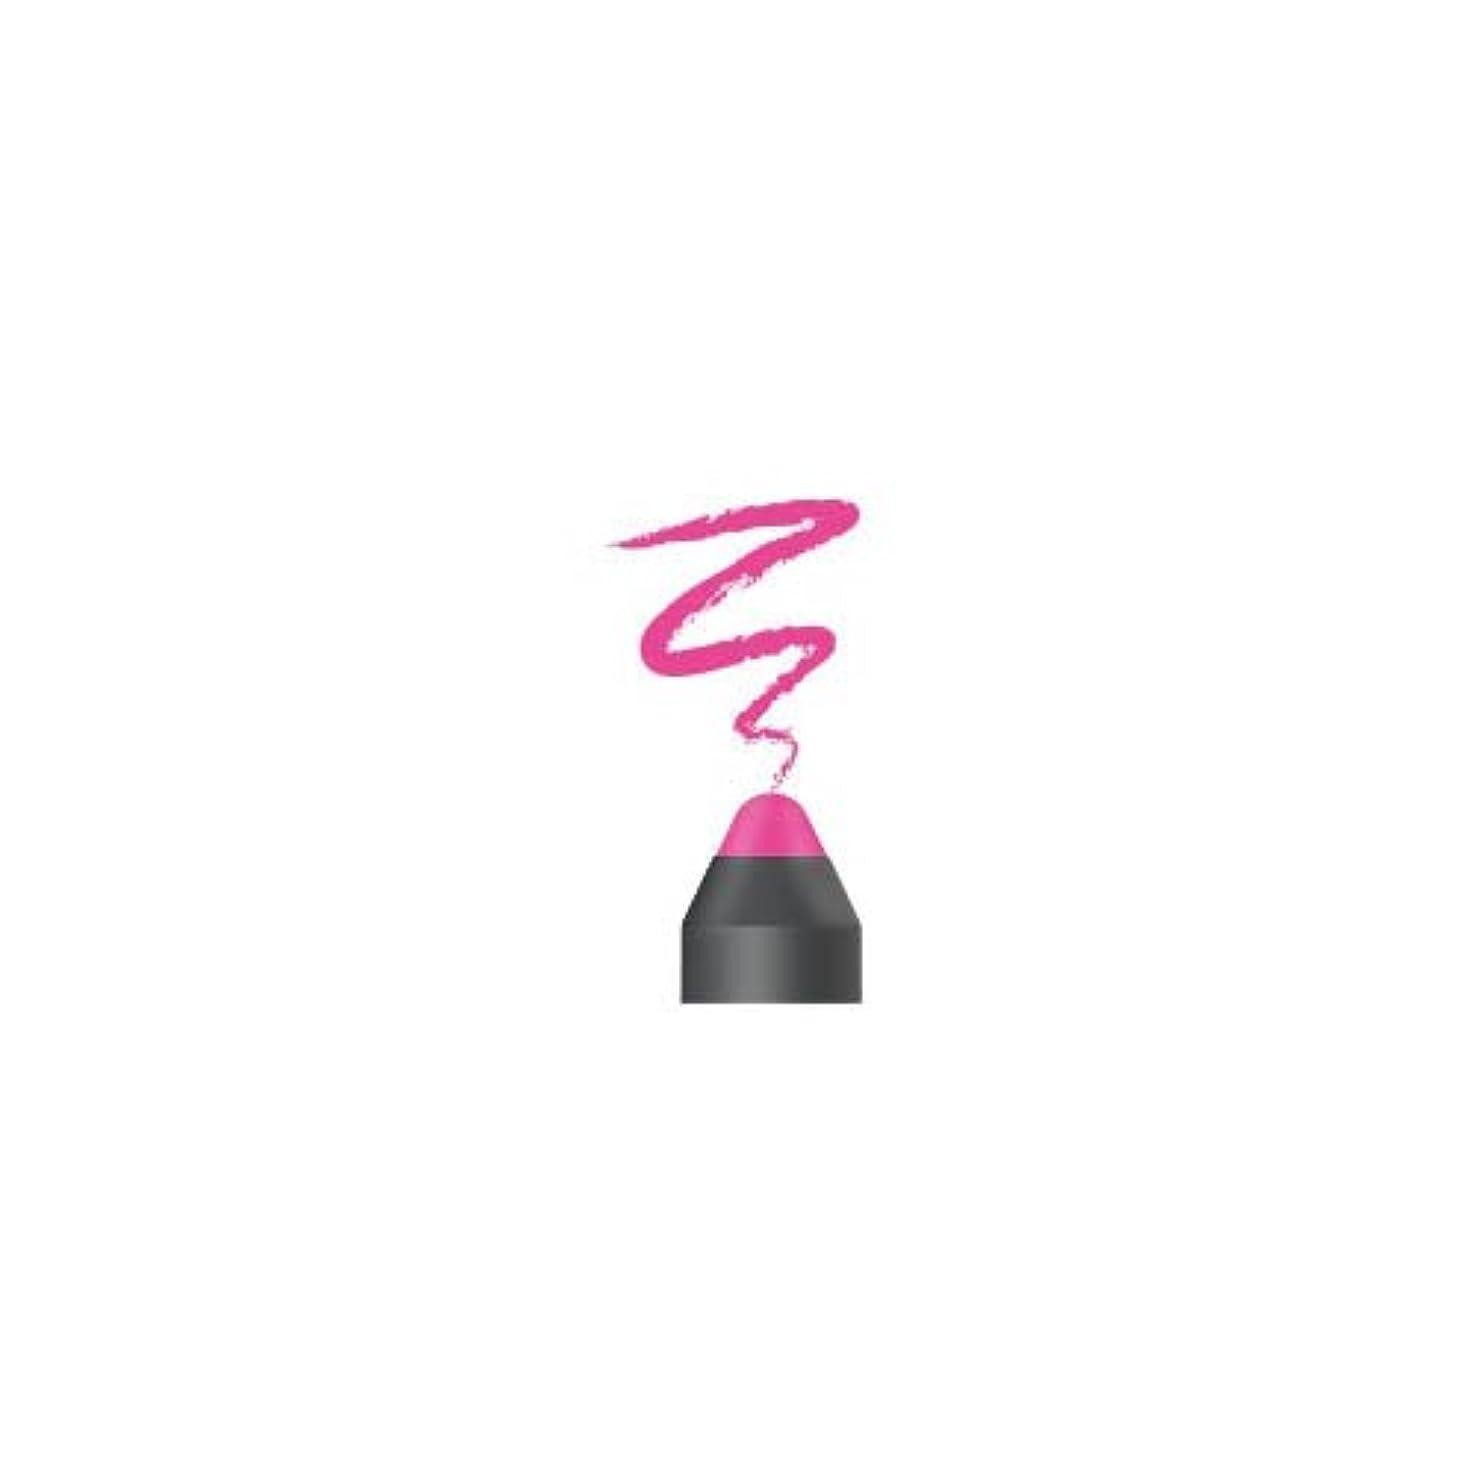 プット後継恐れザフェイスショップ [韓国コスメ THE FACE SHOP] メルティング カラー リップ クリーマー 02 Candy Violet [海外直送品][並行輸入品]